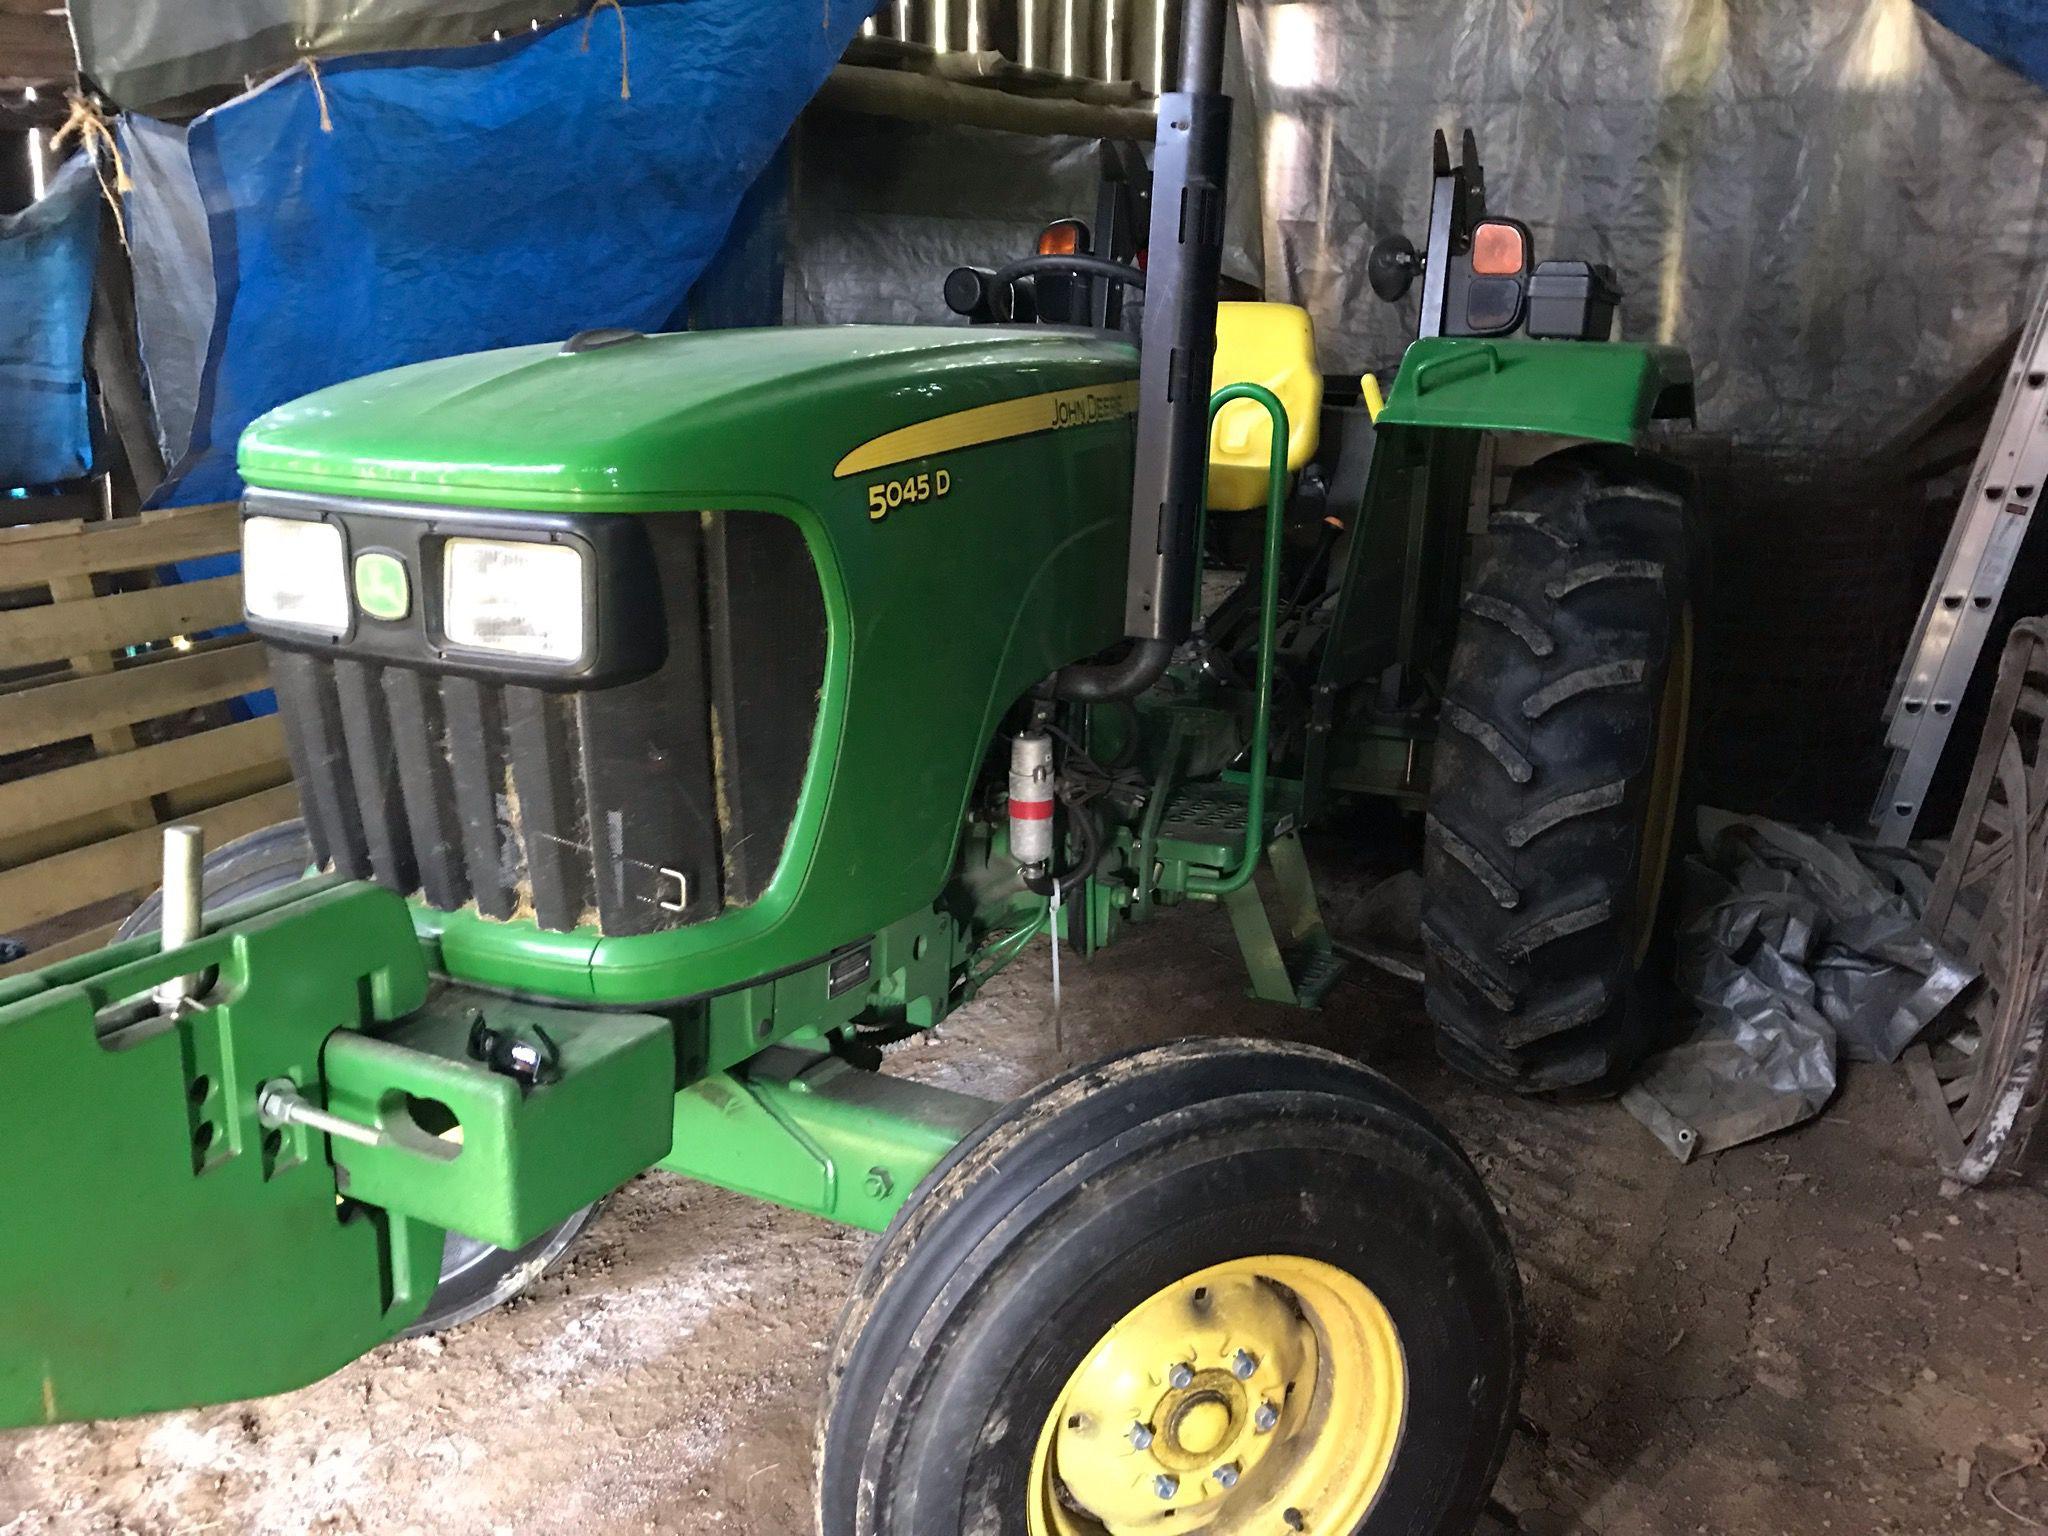 2014 John Deere 5045D tractor. image 1